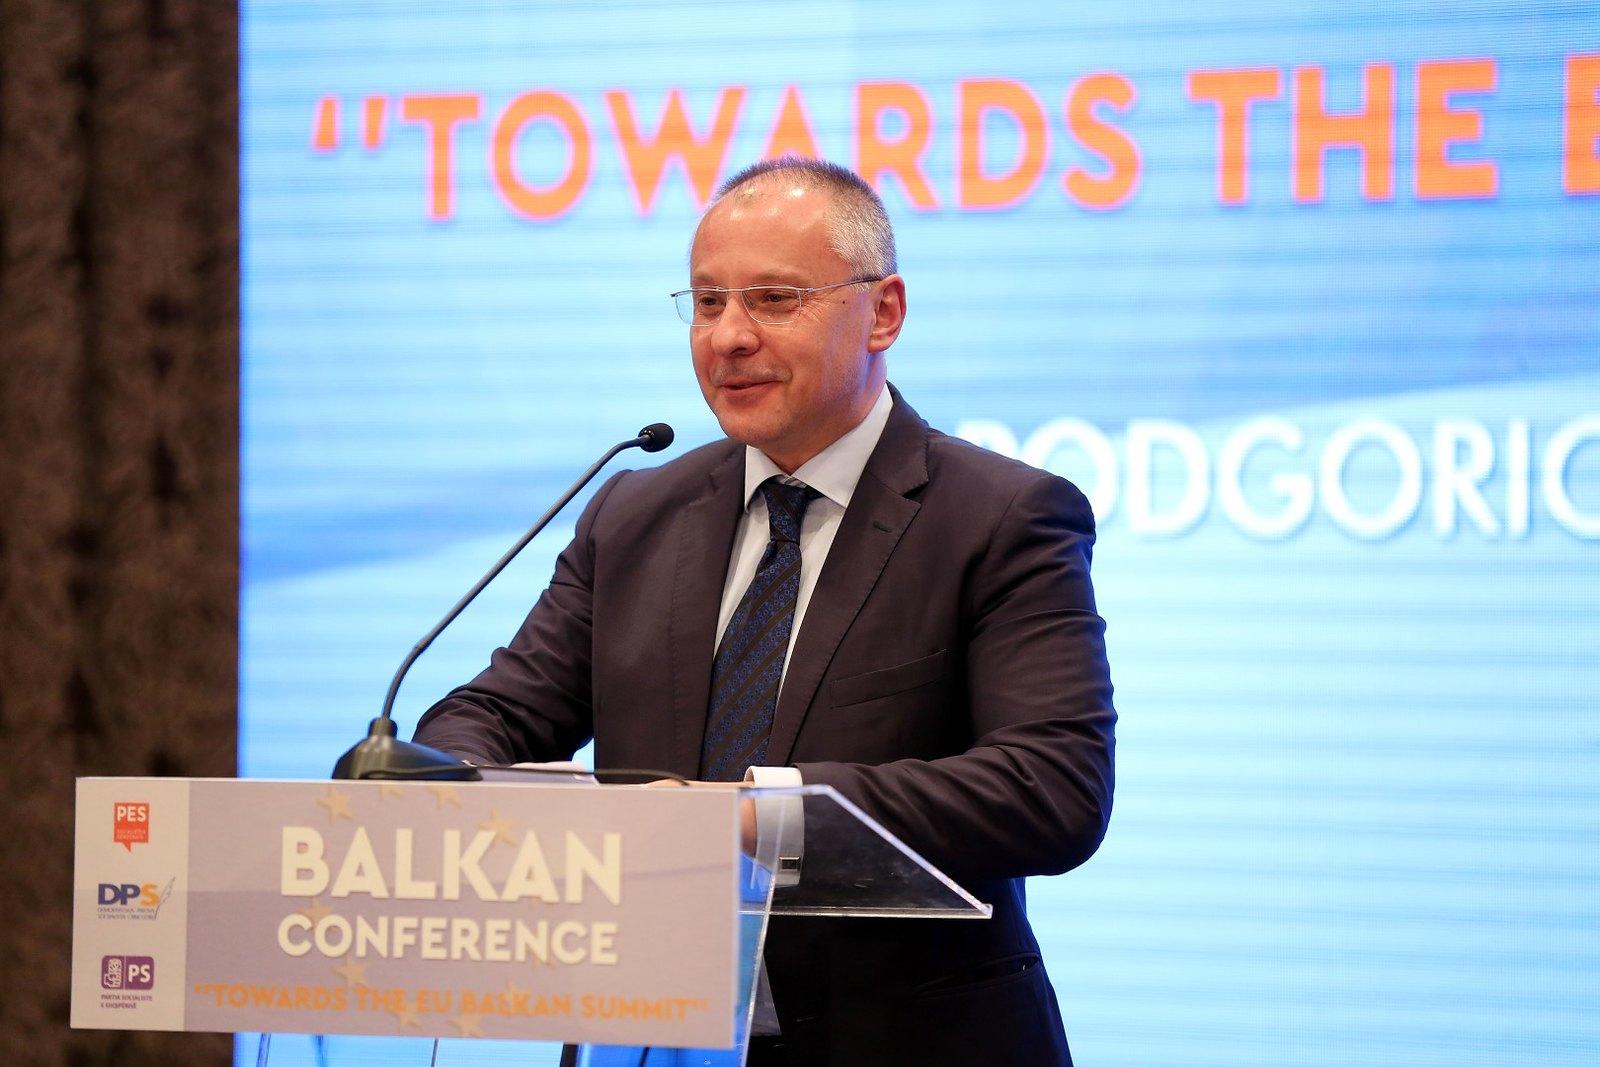 EU-PES Balkans high-level conference, 3-4 April 2018